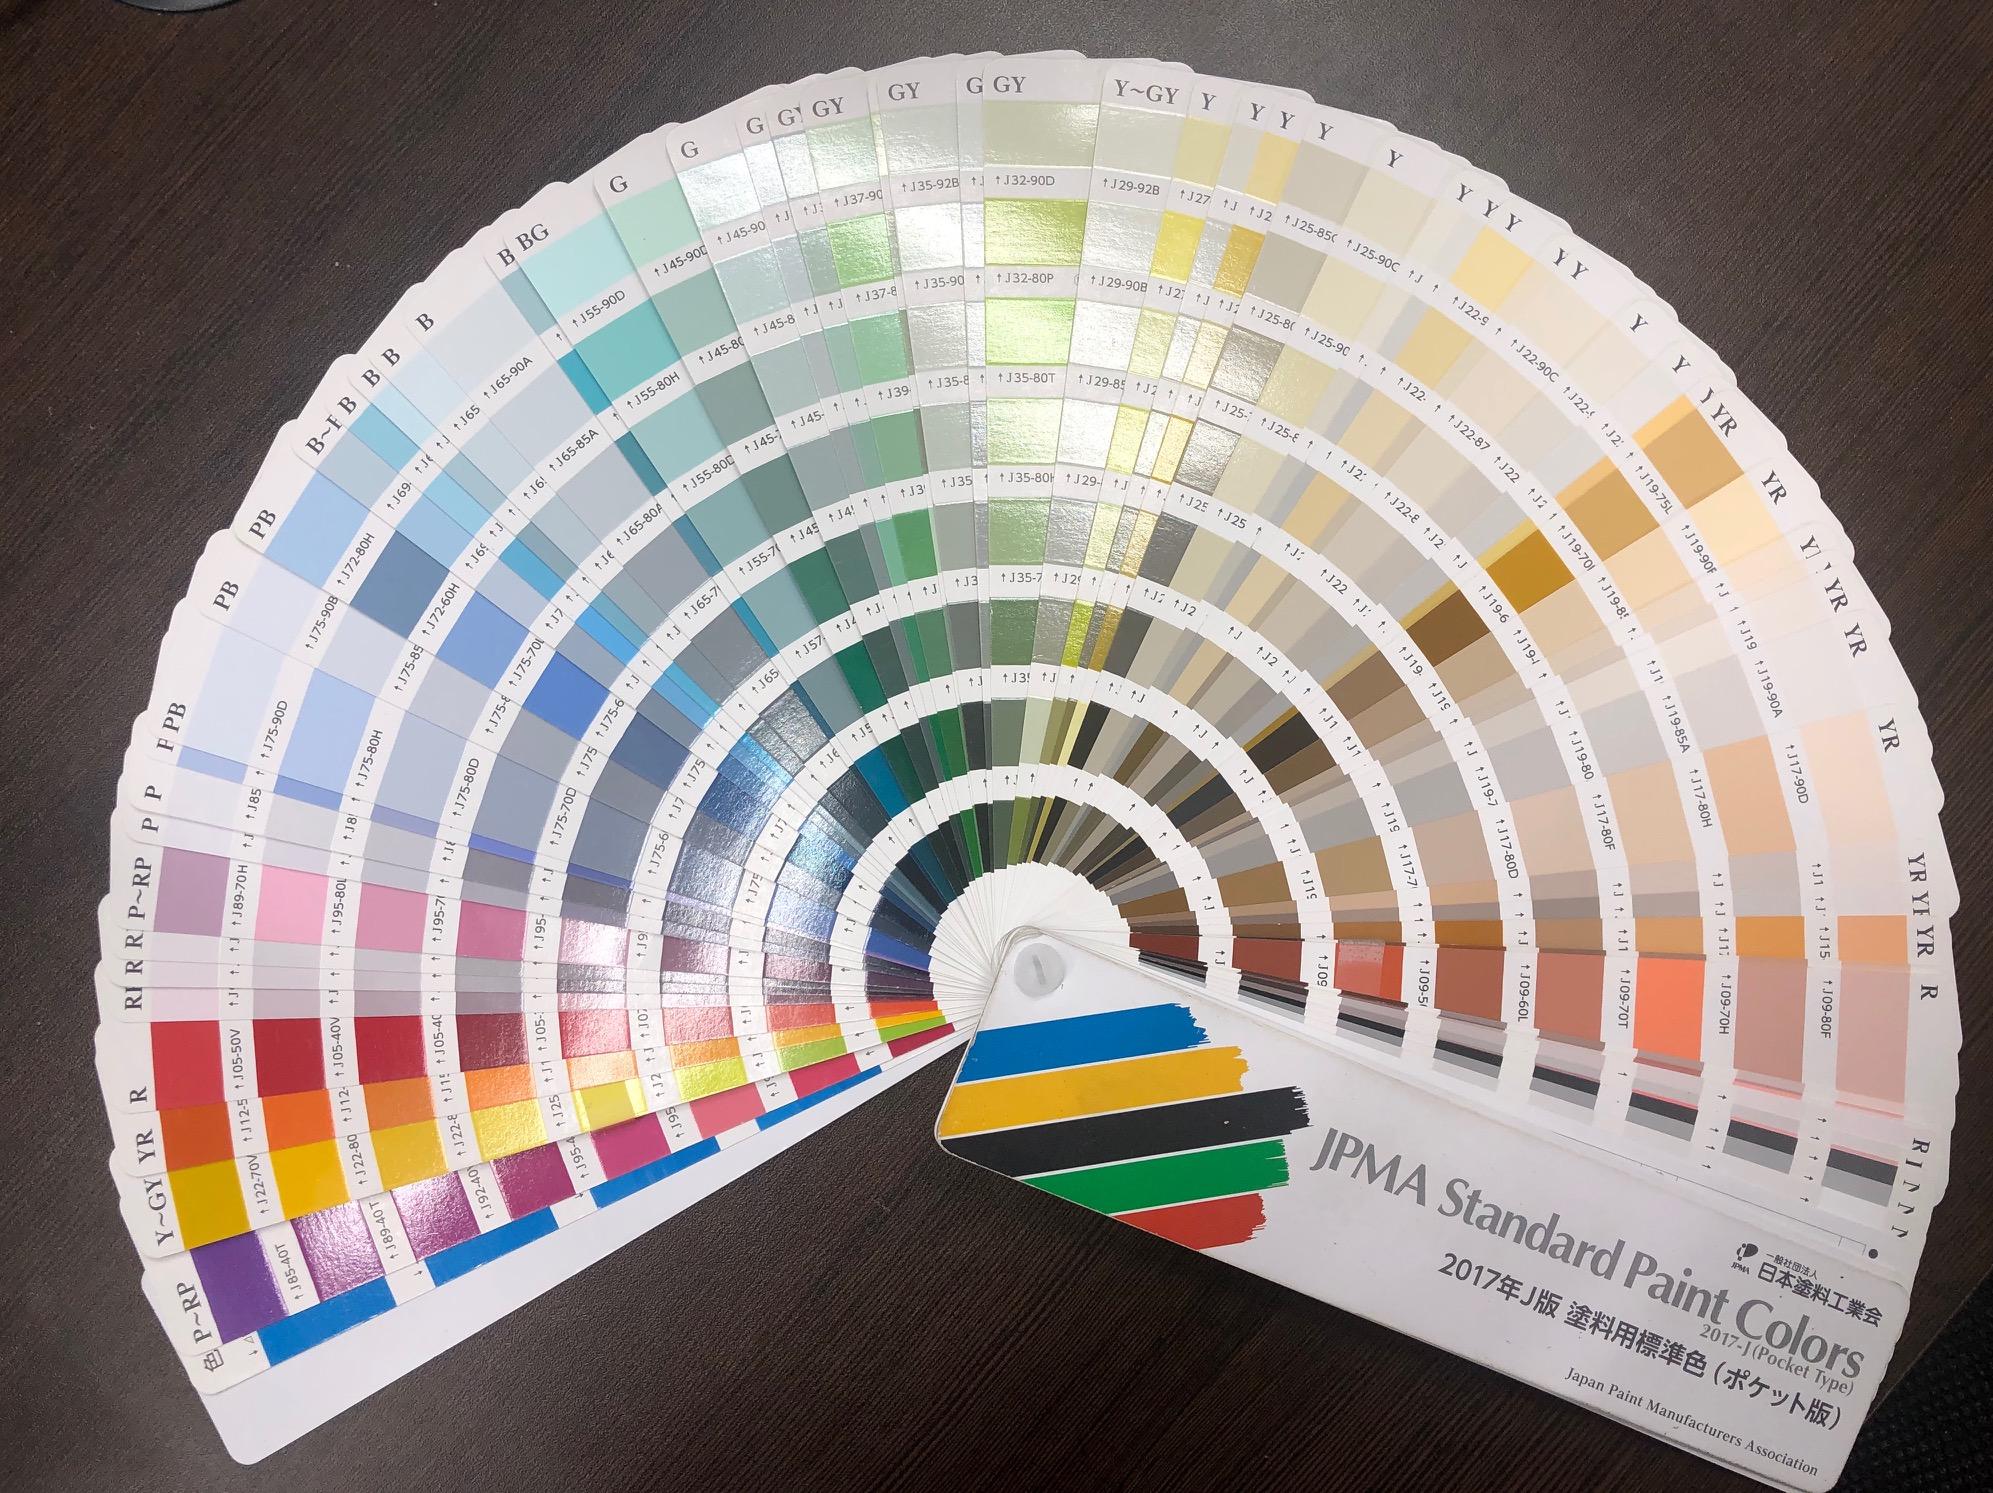 初めてでも分かる!外壁塗装の「色見本」を理解して大成功させるコツ